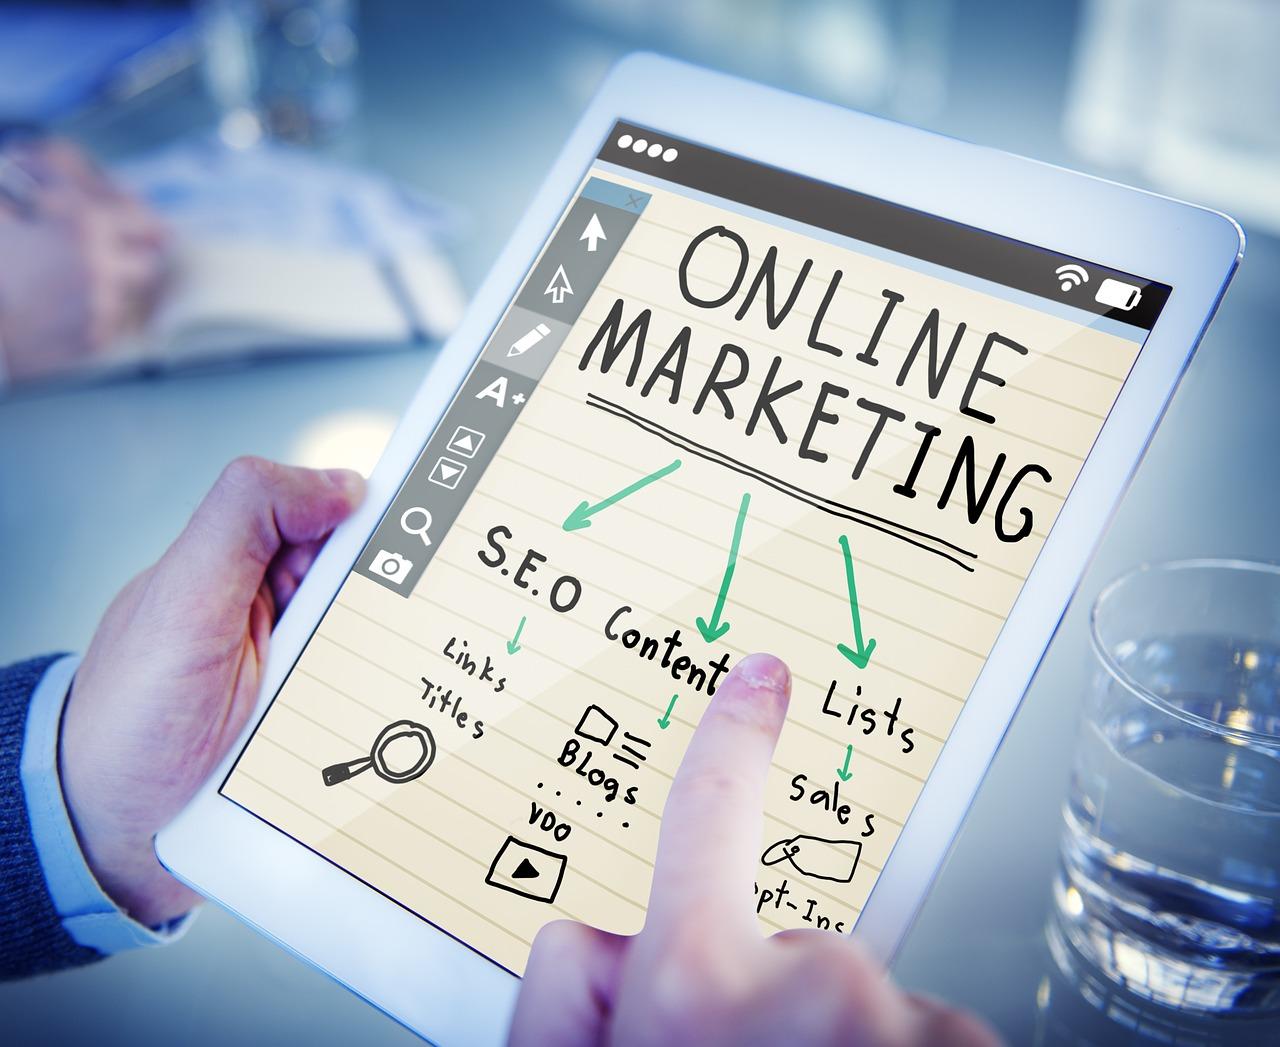 Ako marketing, tak aj web dizajn sú pilierom digitálneho úspechu vašej firmy.